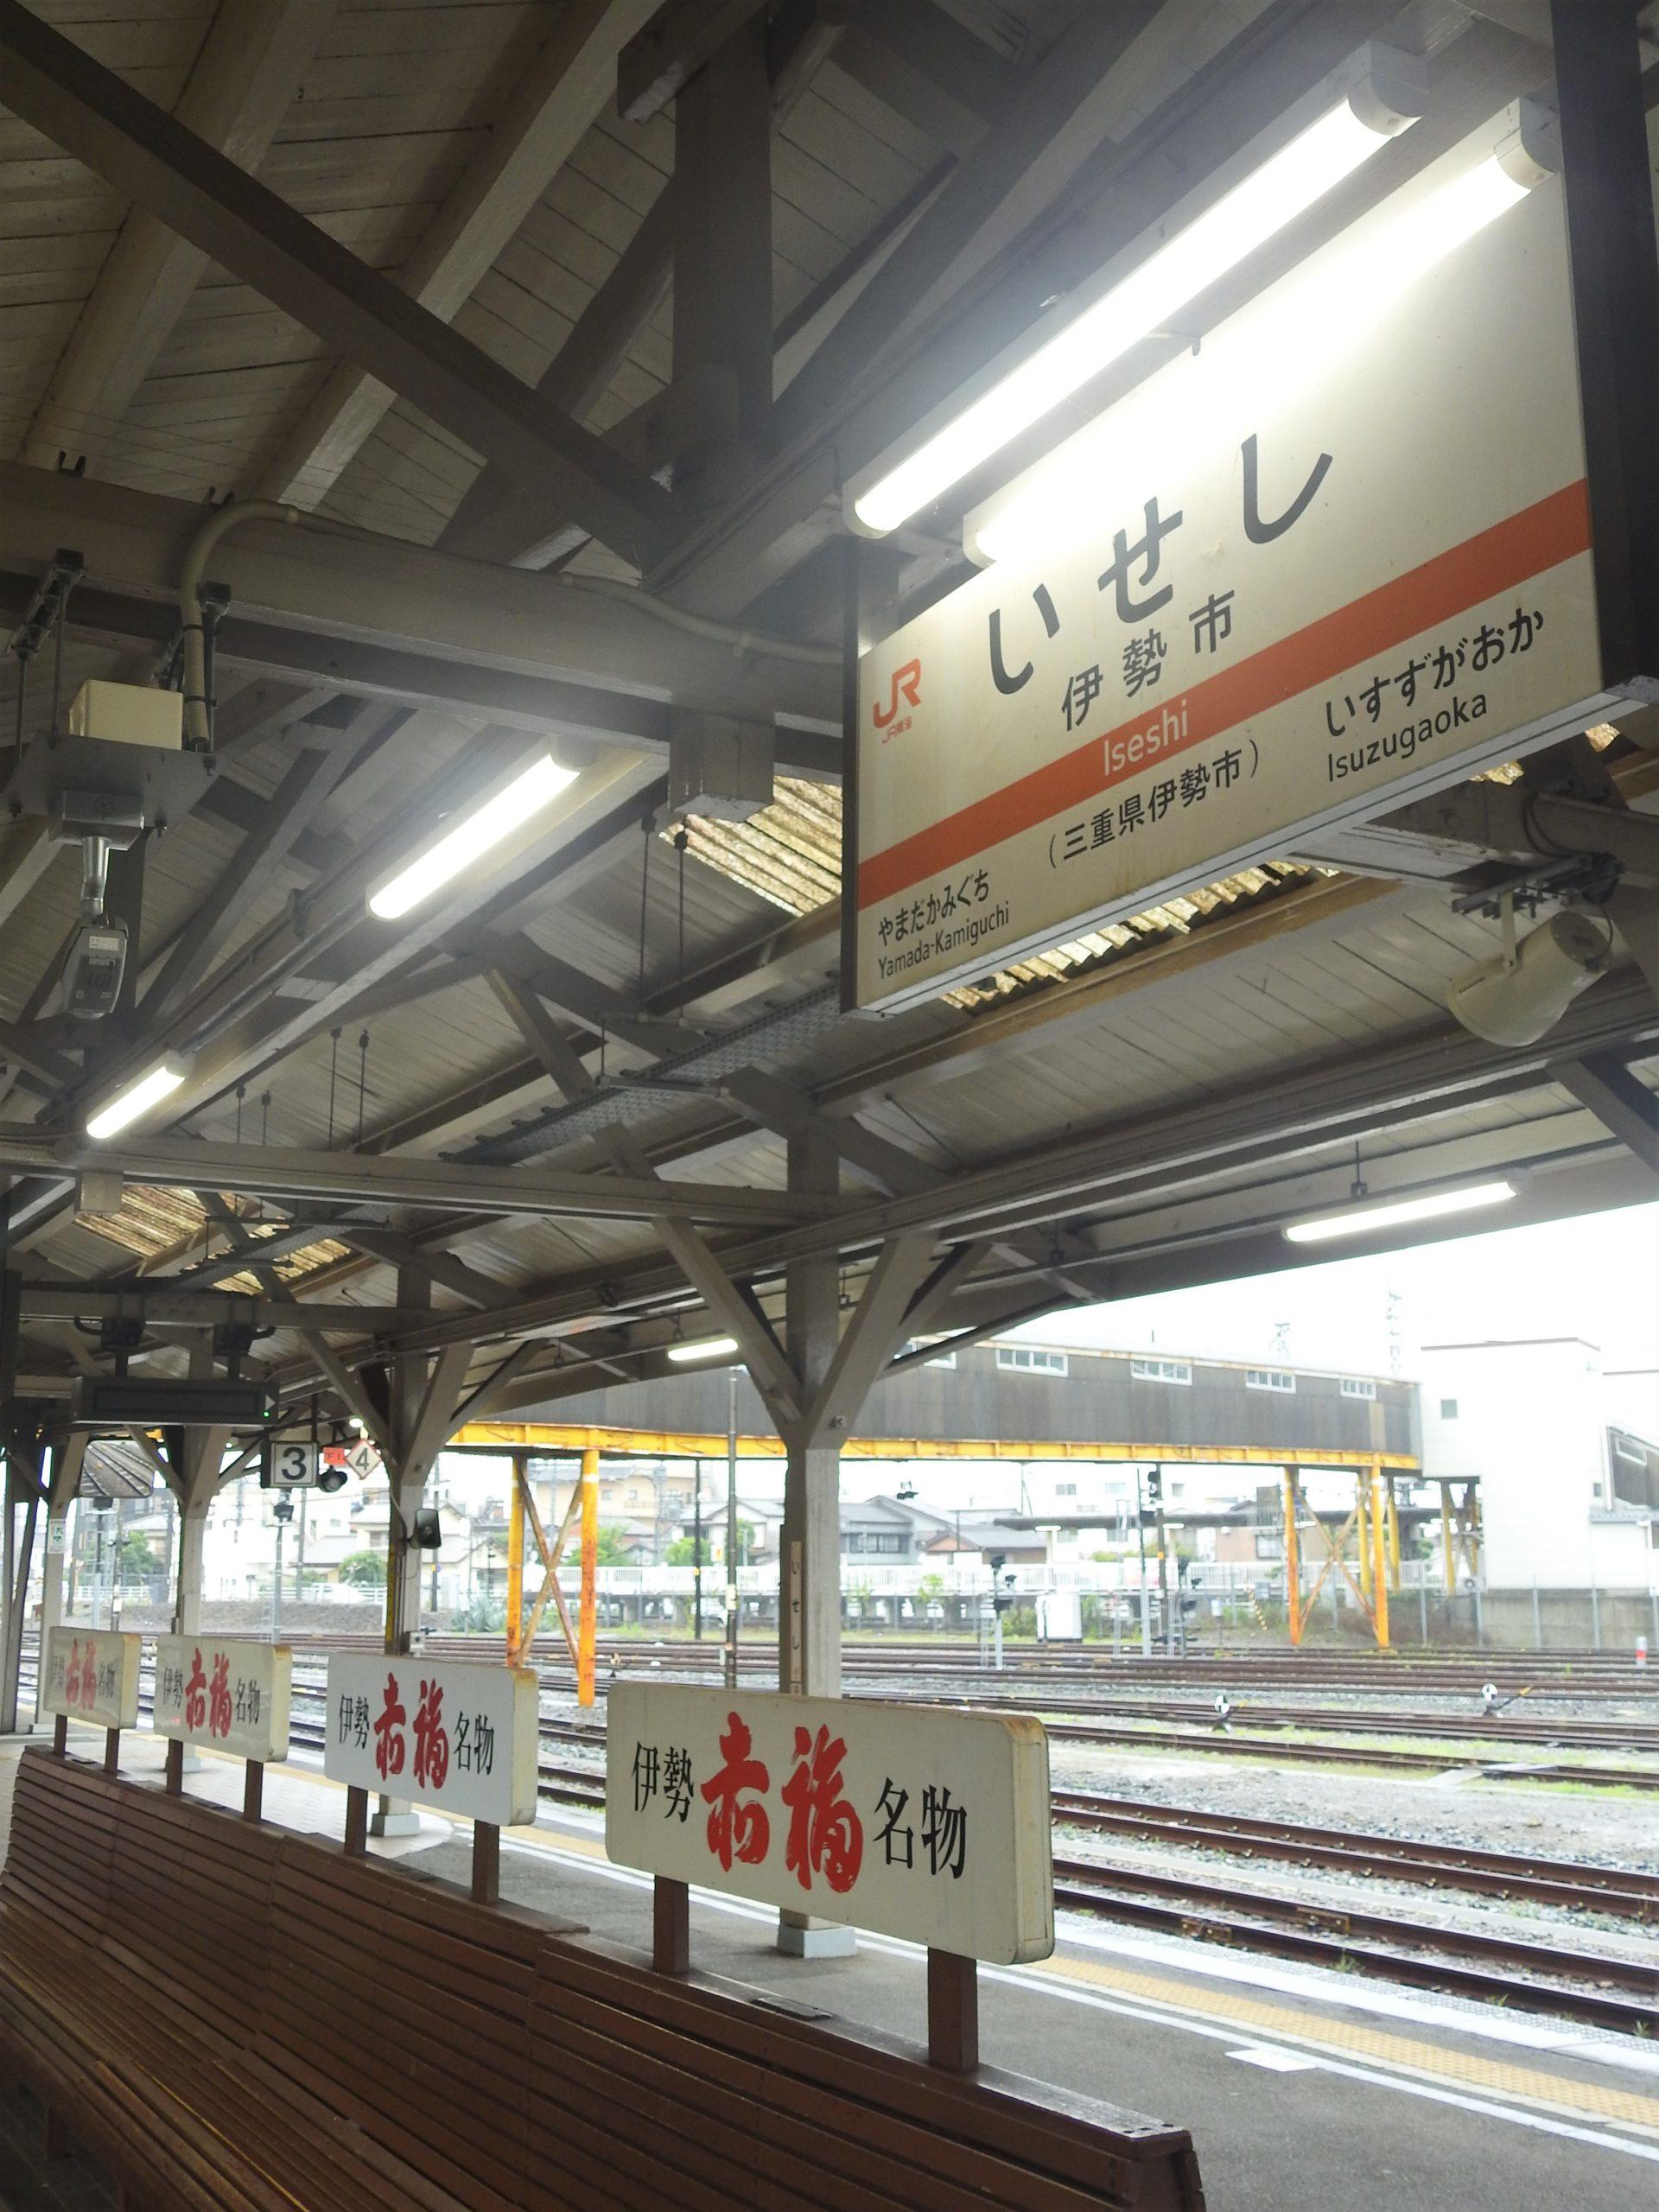 三重県 伊勢市駅